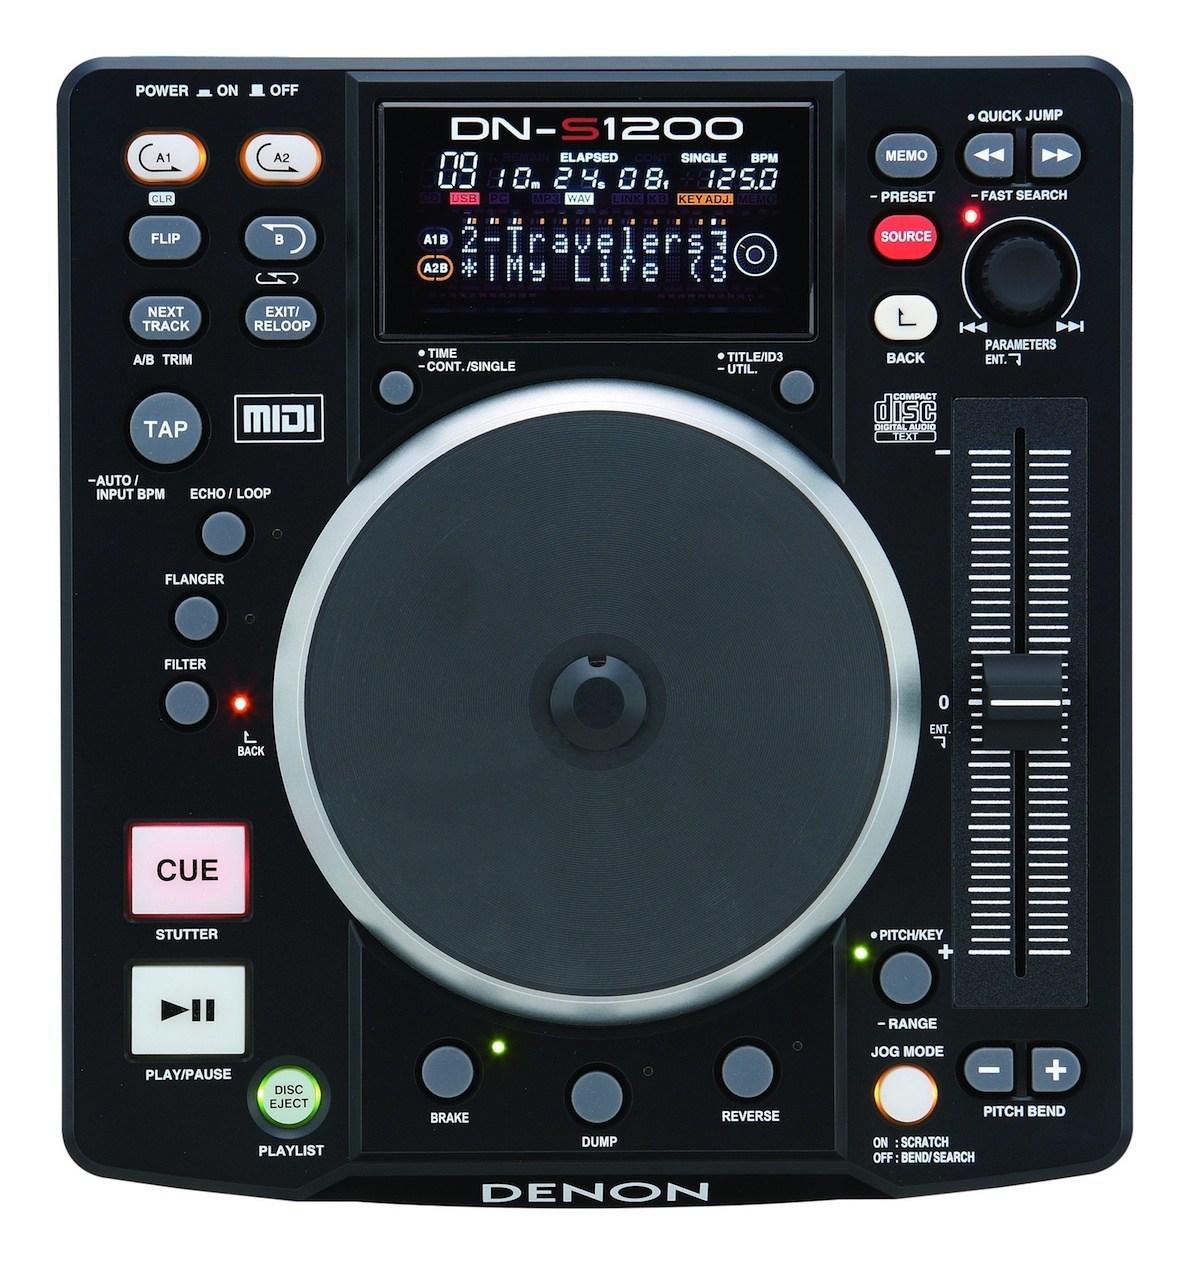 The Denon DN-S1200 digital deck